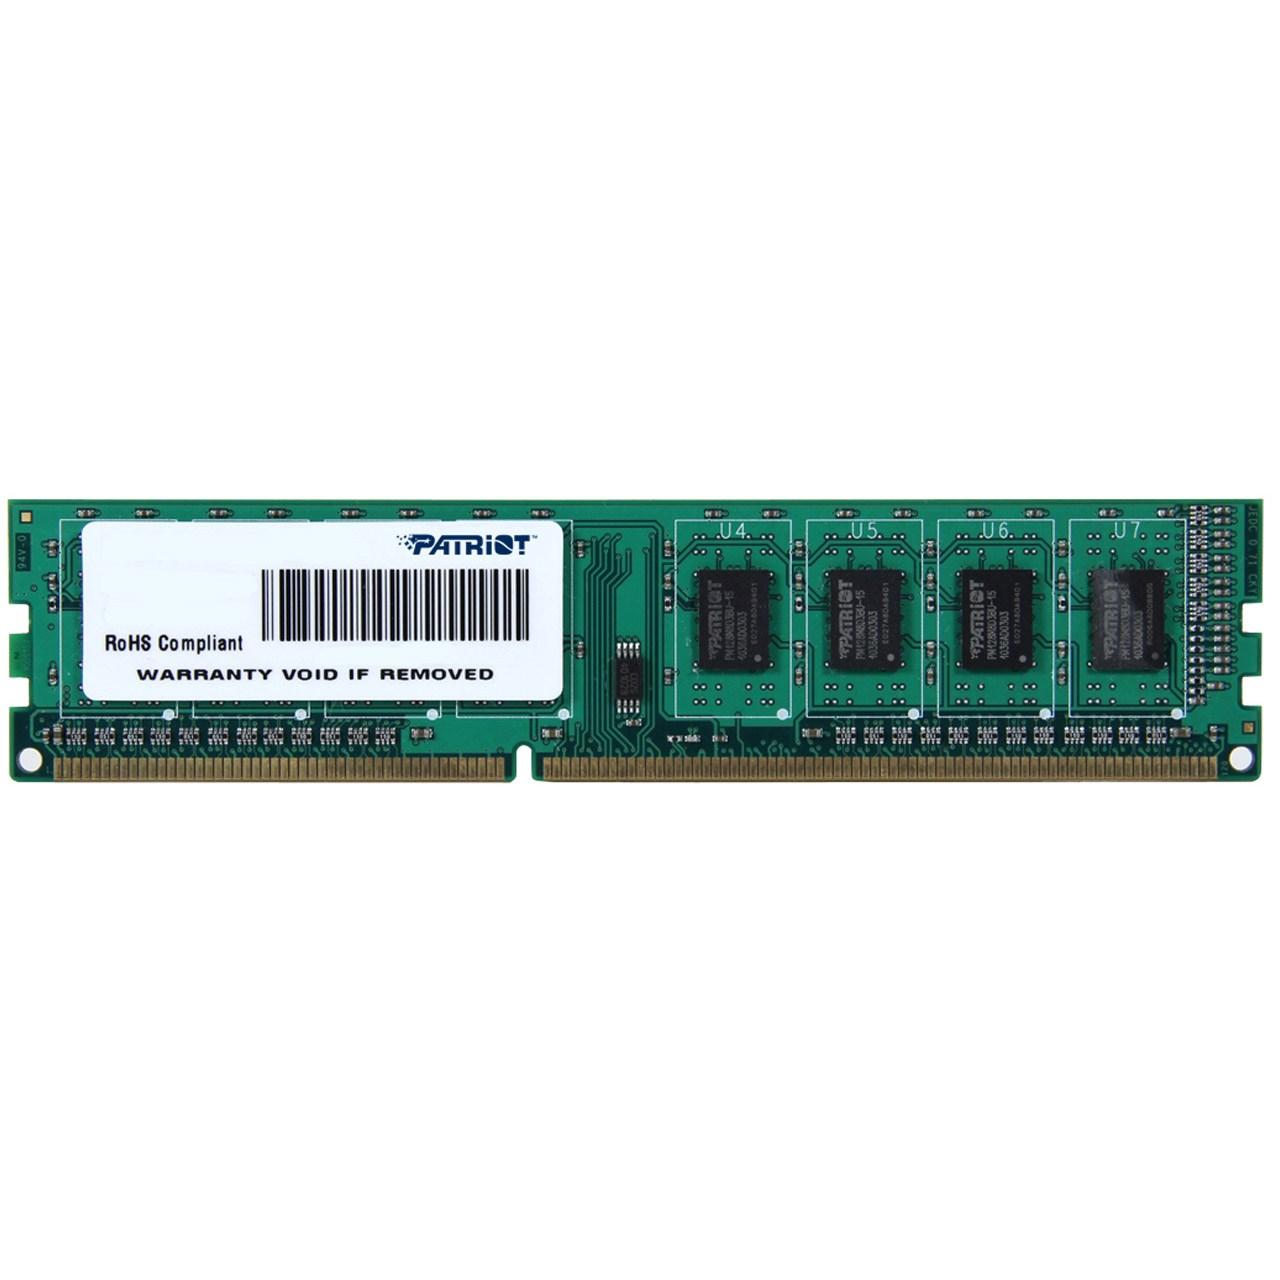 رم دسکتاپ DDR3 تک کاناله 1600 مگاهرتز CL11 پتریوت سری Signature ظرفیت 2 گیگابایت